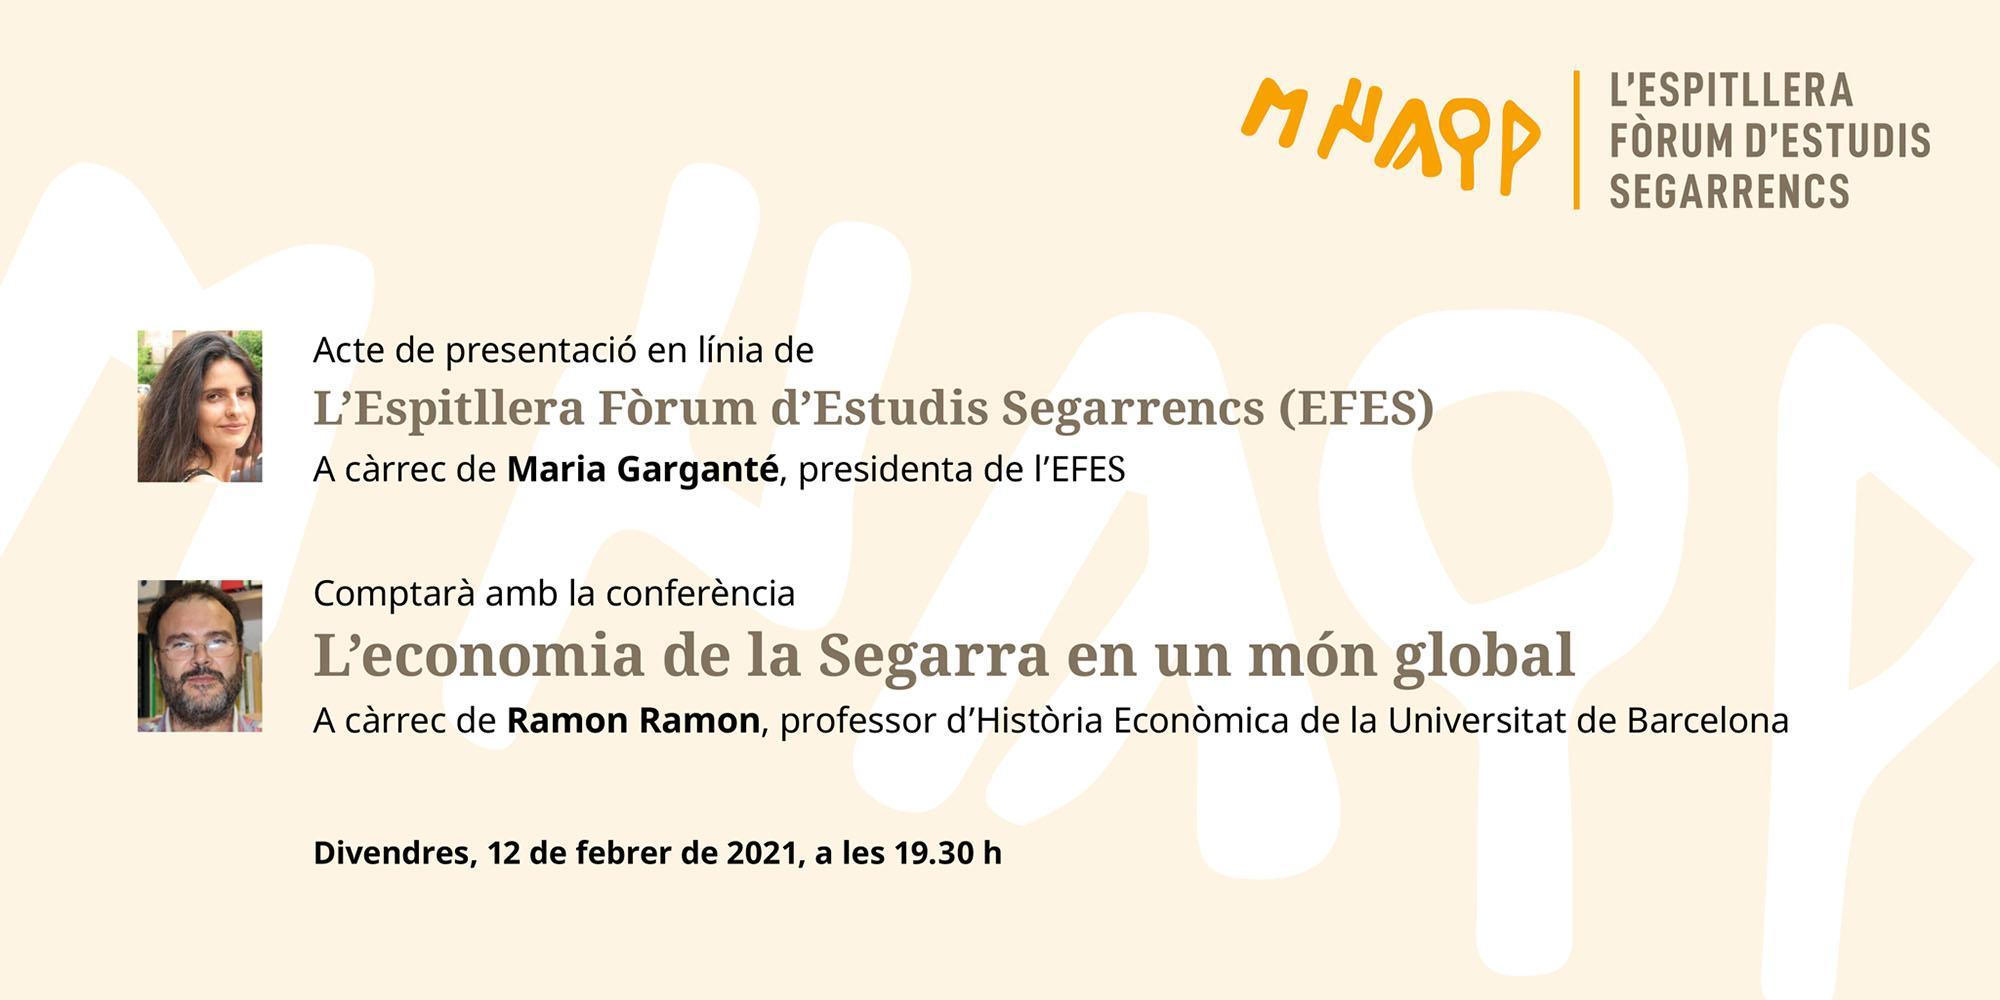 Presentació en línia de la nova entitat l'Espitllera Fòrum d'Estudis Segarrencs